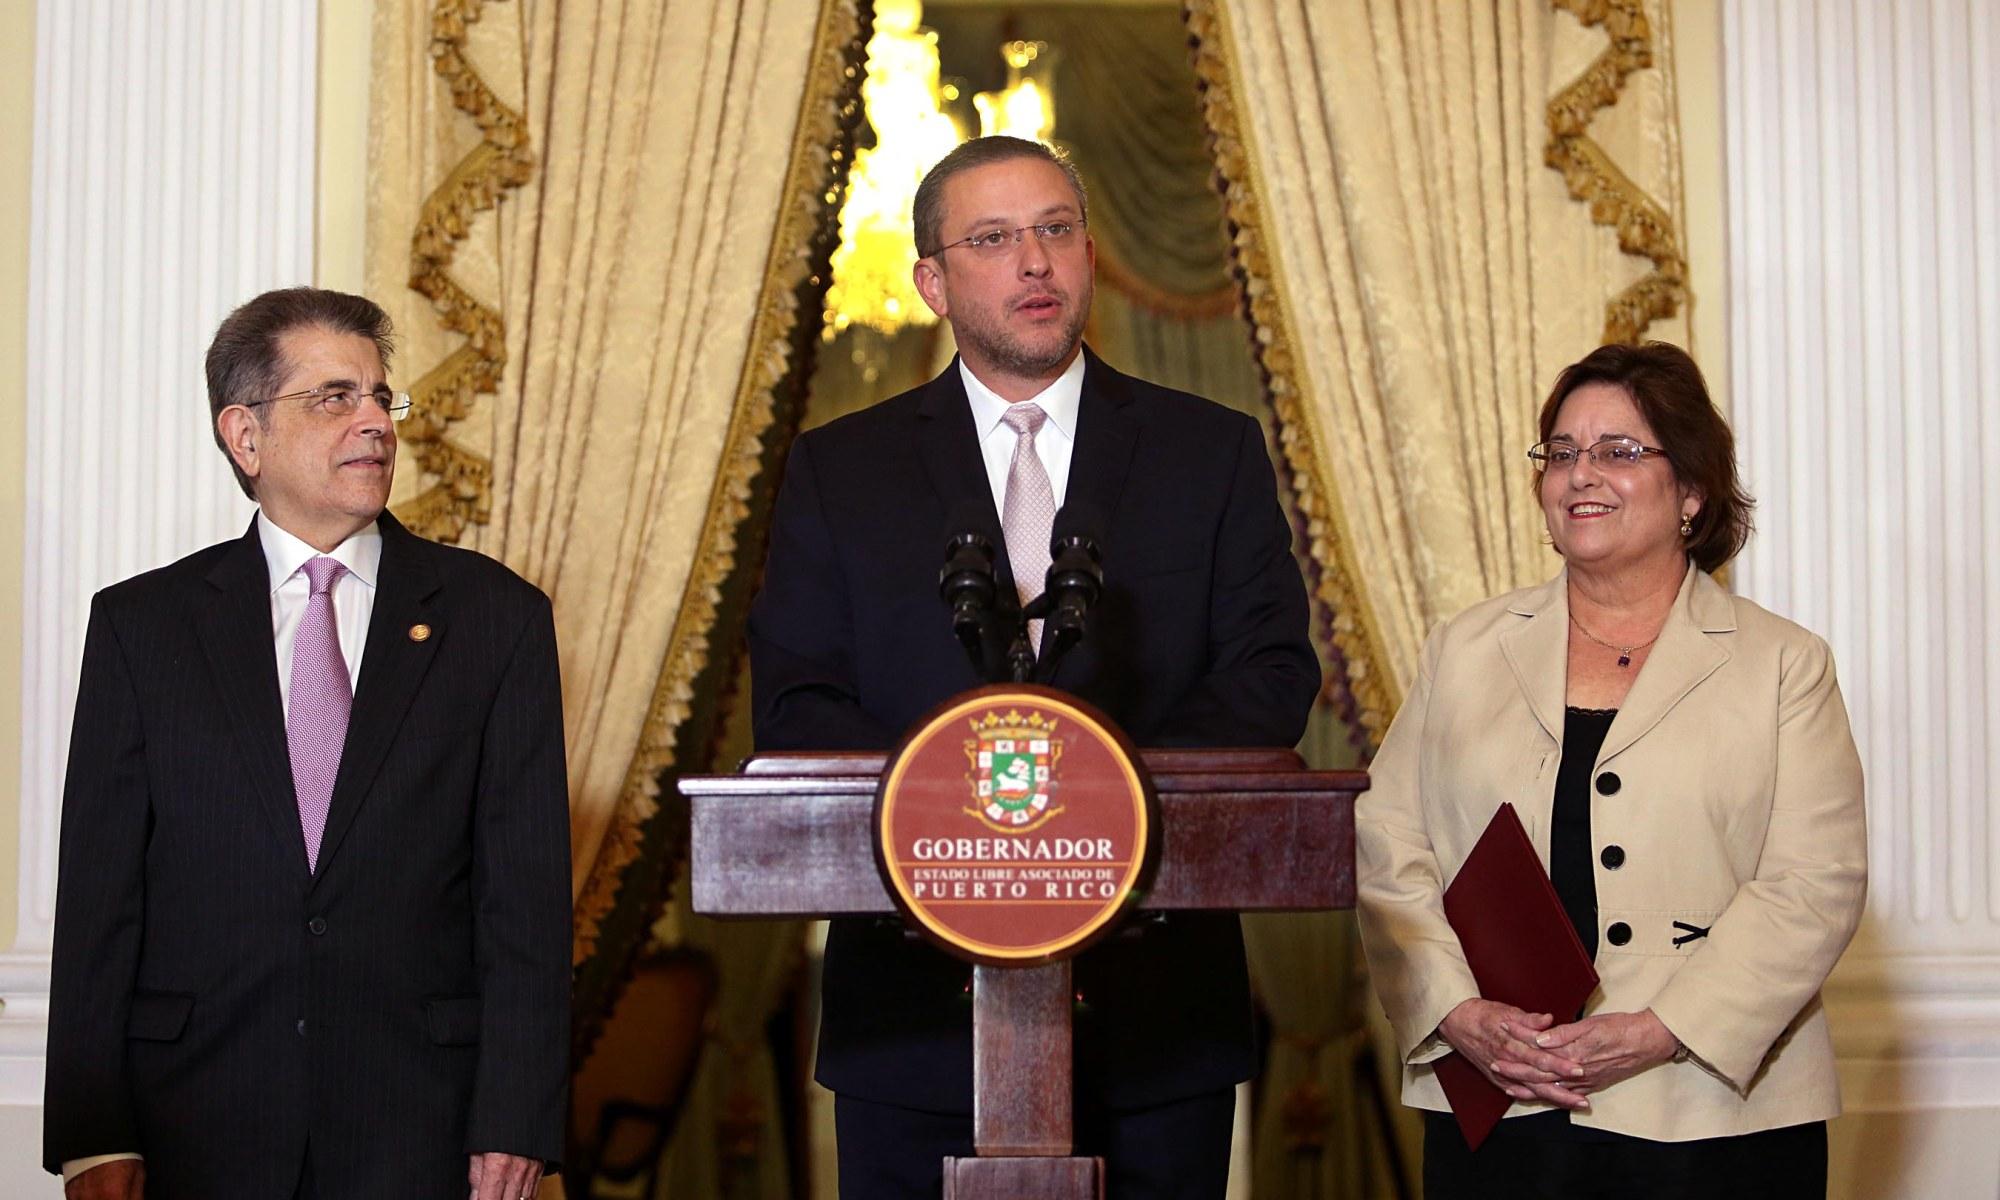 [VÍDEO] Liana Fiol Matta, jueza presidenta del Tribunal Supremo de Puerto Rico